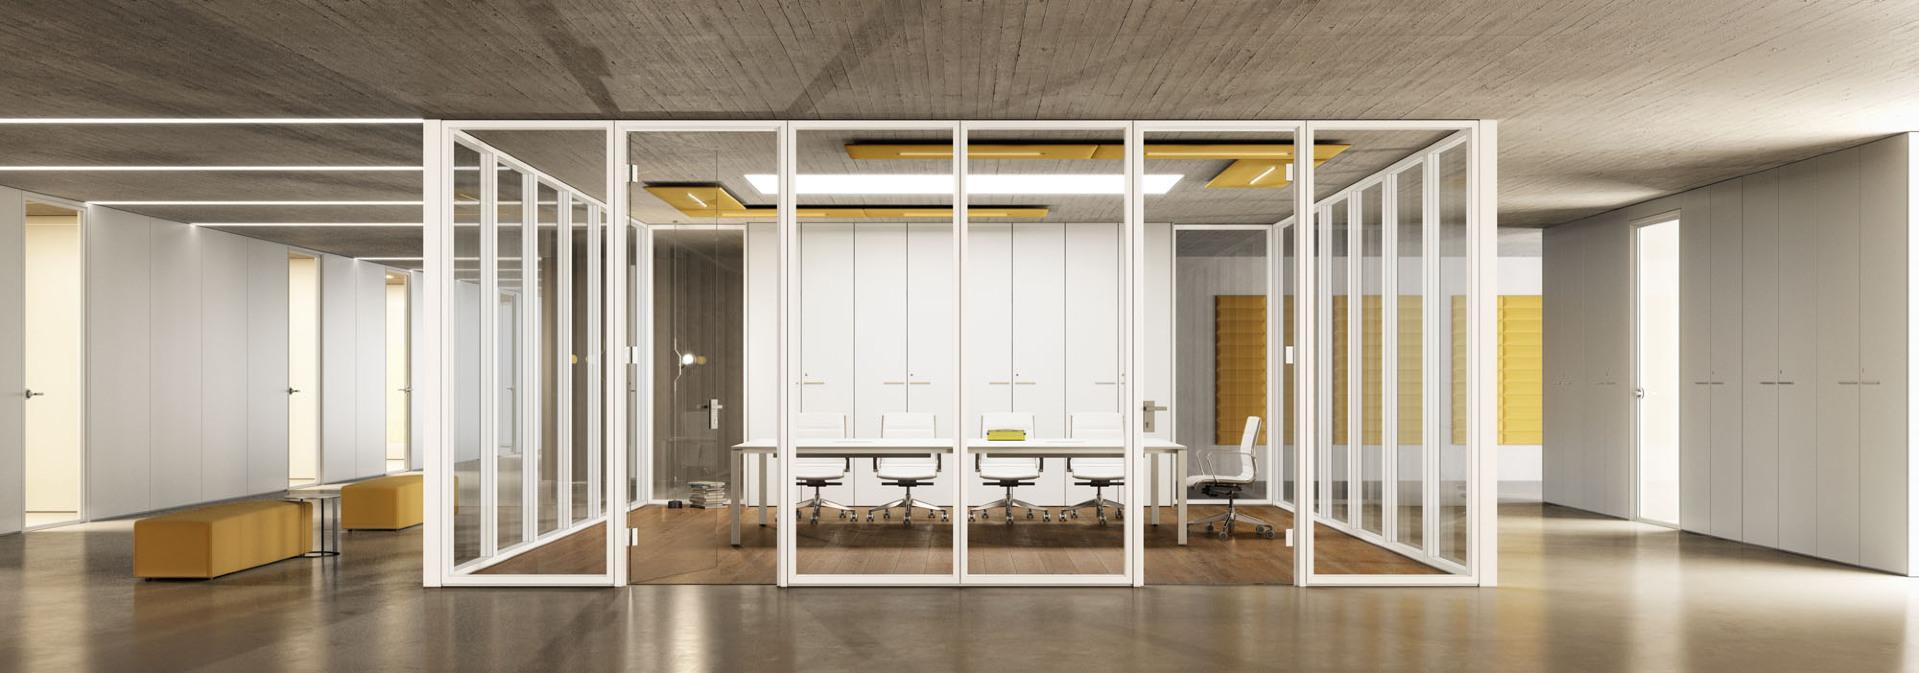 tecna-divisoria-doppio-vetro-profili-bianchi-1.jpg